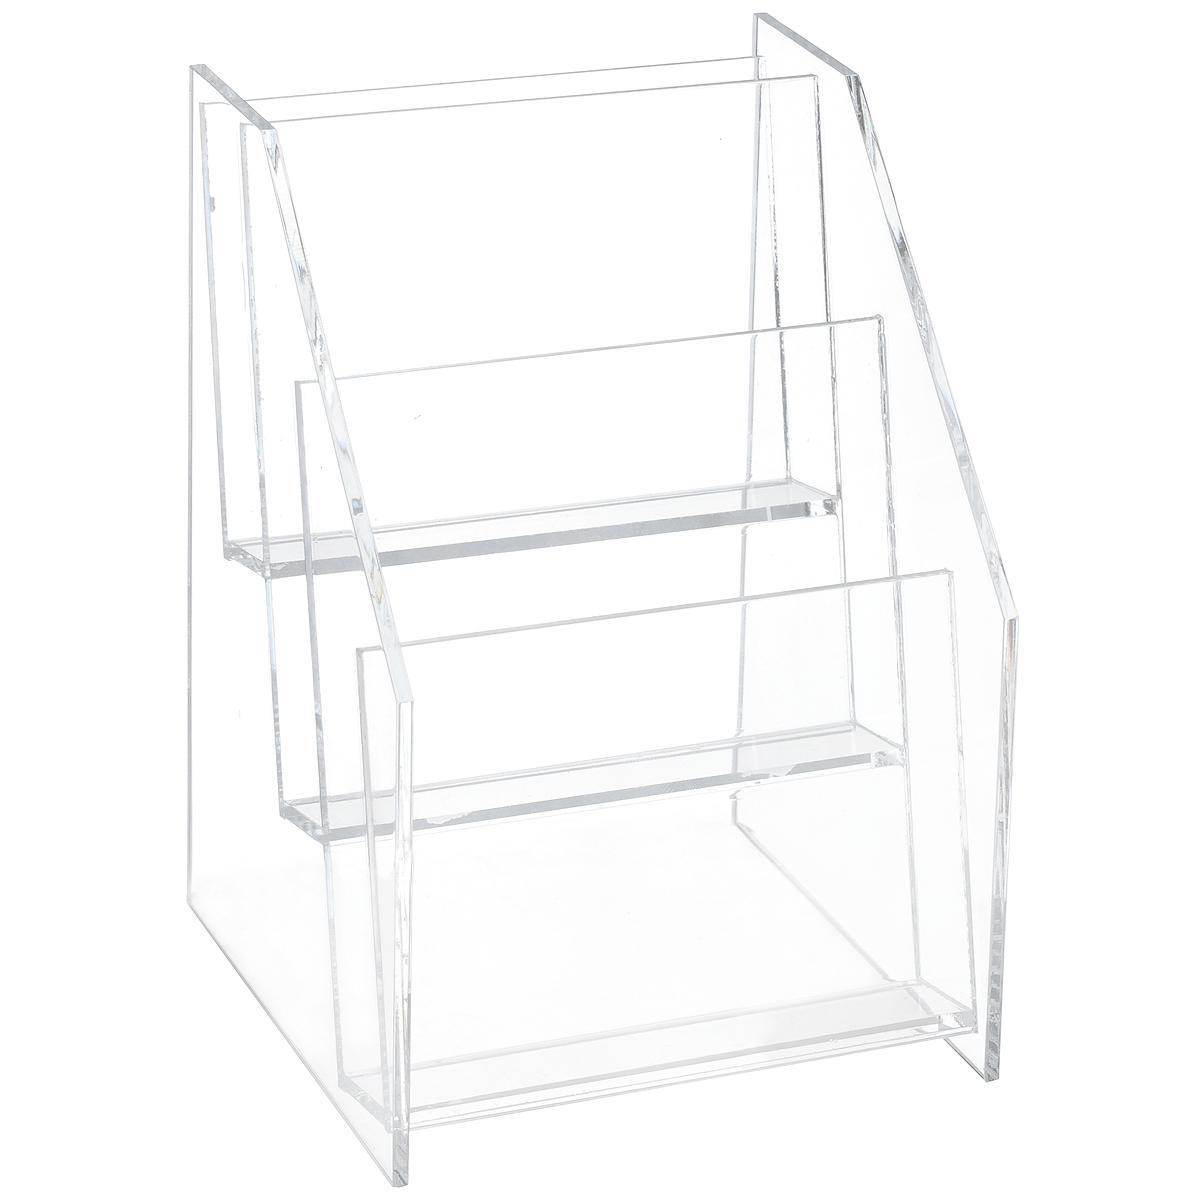 Дисплей для спреев Clearsnap, 9,5 х 9 х 14 см92509Дисплей Clearsnap изготовлен из прозрачного пластика и служит держателем спреев Spritz от Donna Salazar. Изделие оснащено 3 полочками. Легкий и компактный дисплей можно поставить на ровную поверхность в удобном для вас месте. Благодаря такому дисплею спреи всегда будут на месте! Общий размер дисплея: 9,5 см х 9 см х 14 см. Размер полочки: 9 см х 2 см х 10,5 см.